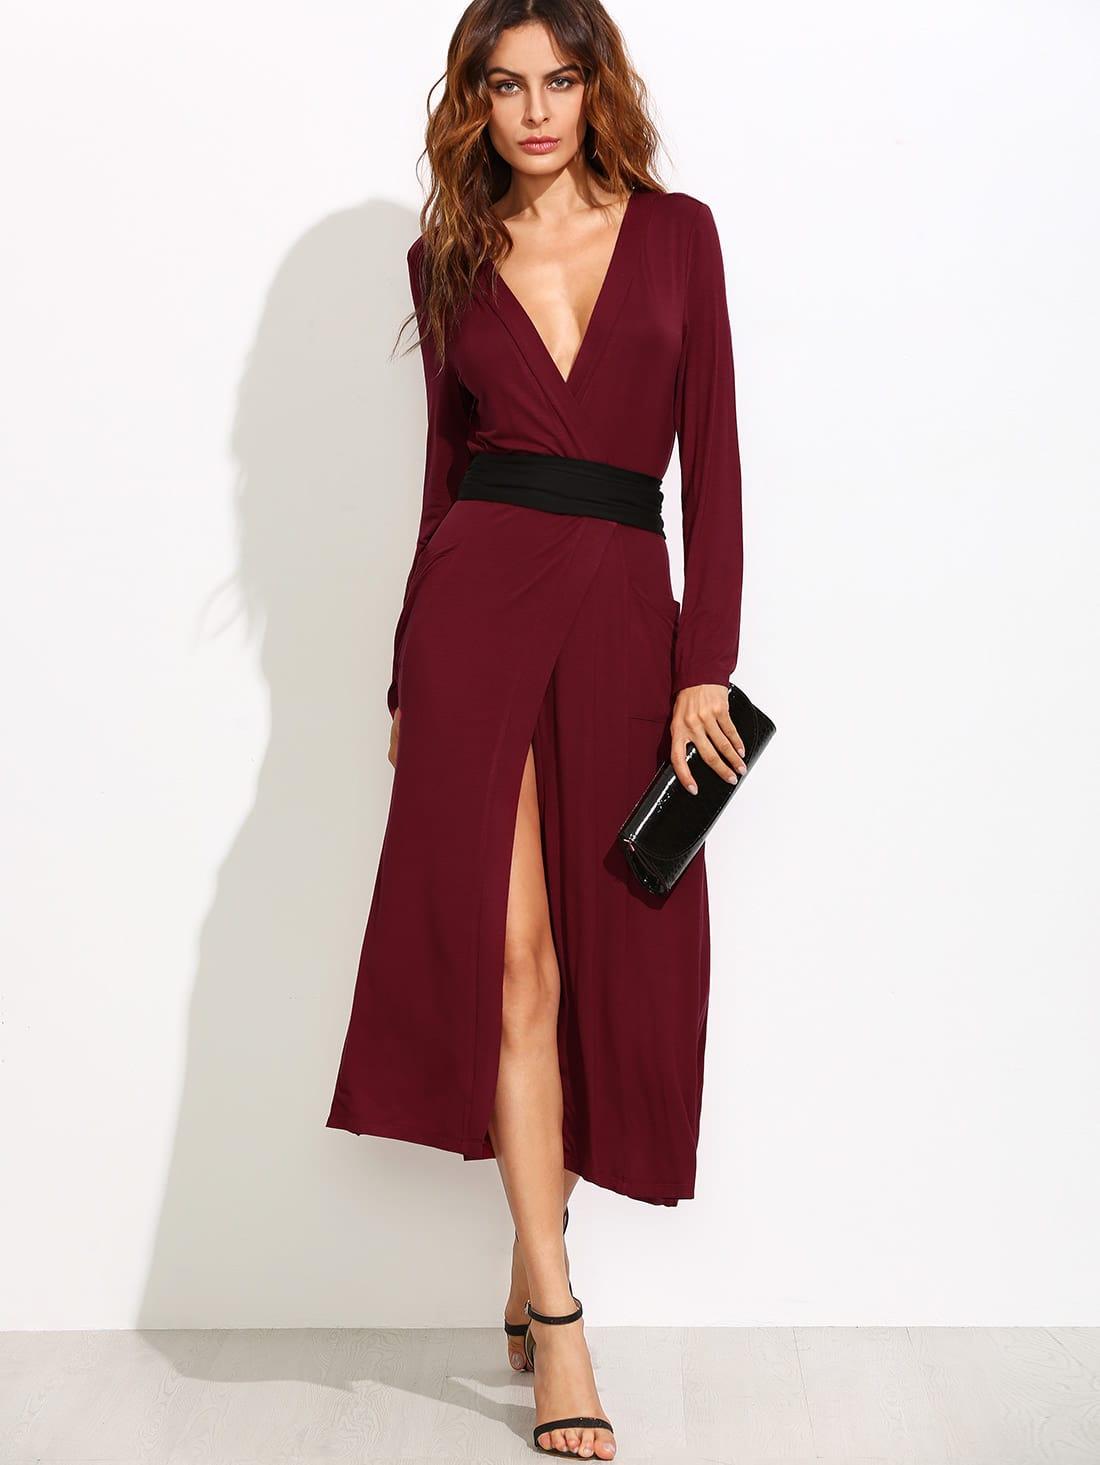 dress160921706_3